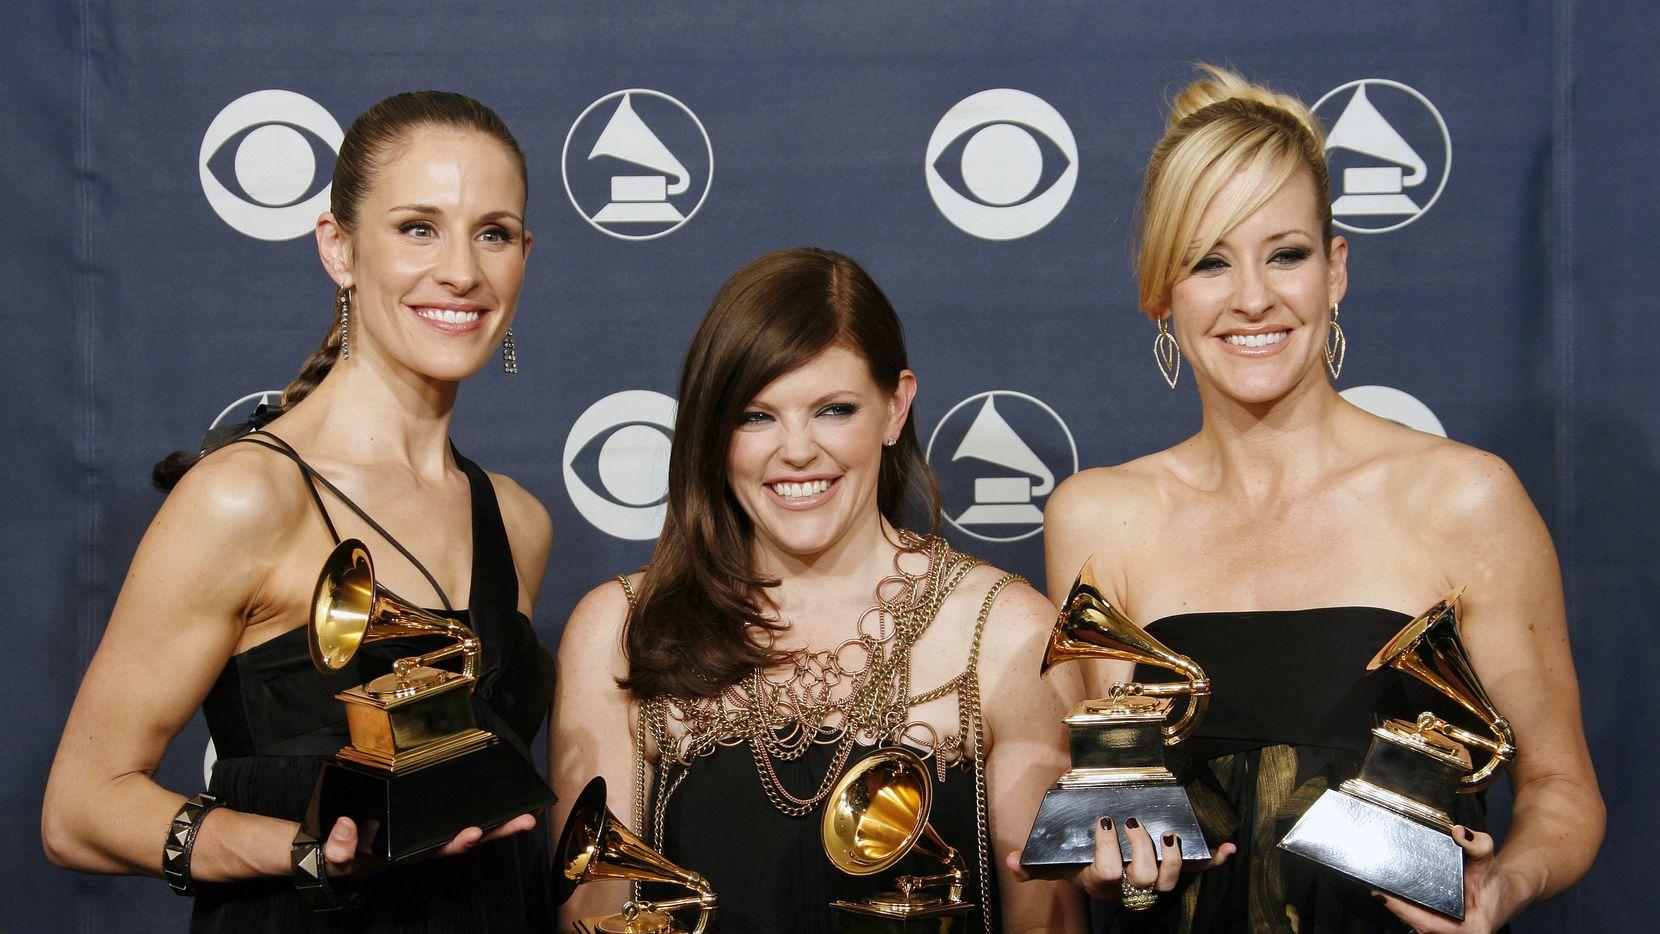 Emily Robison, izq., Natalie Maines, centro, y Martie Maguire de las The Dixie Chicks. El grupo retiró la palabra Dixie de su nombre, y ahora se llama simplemente The Chicks